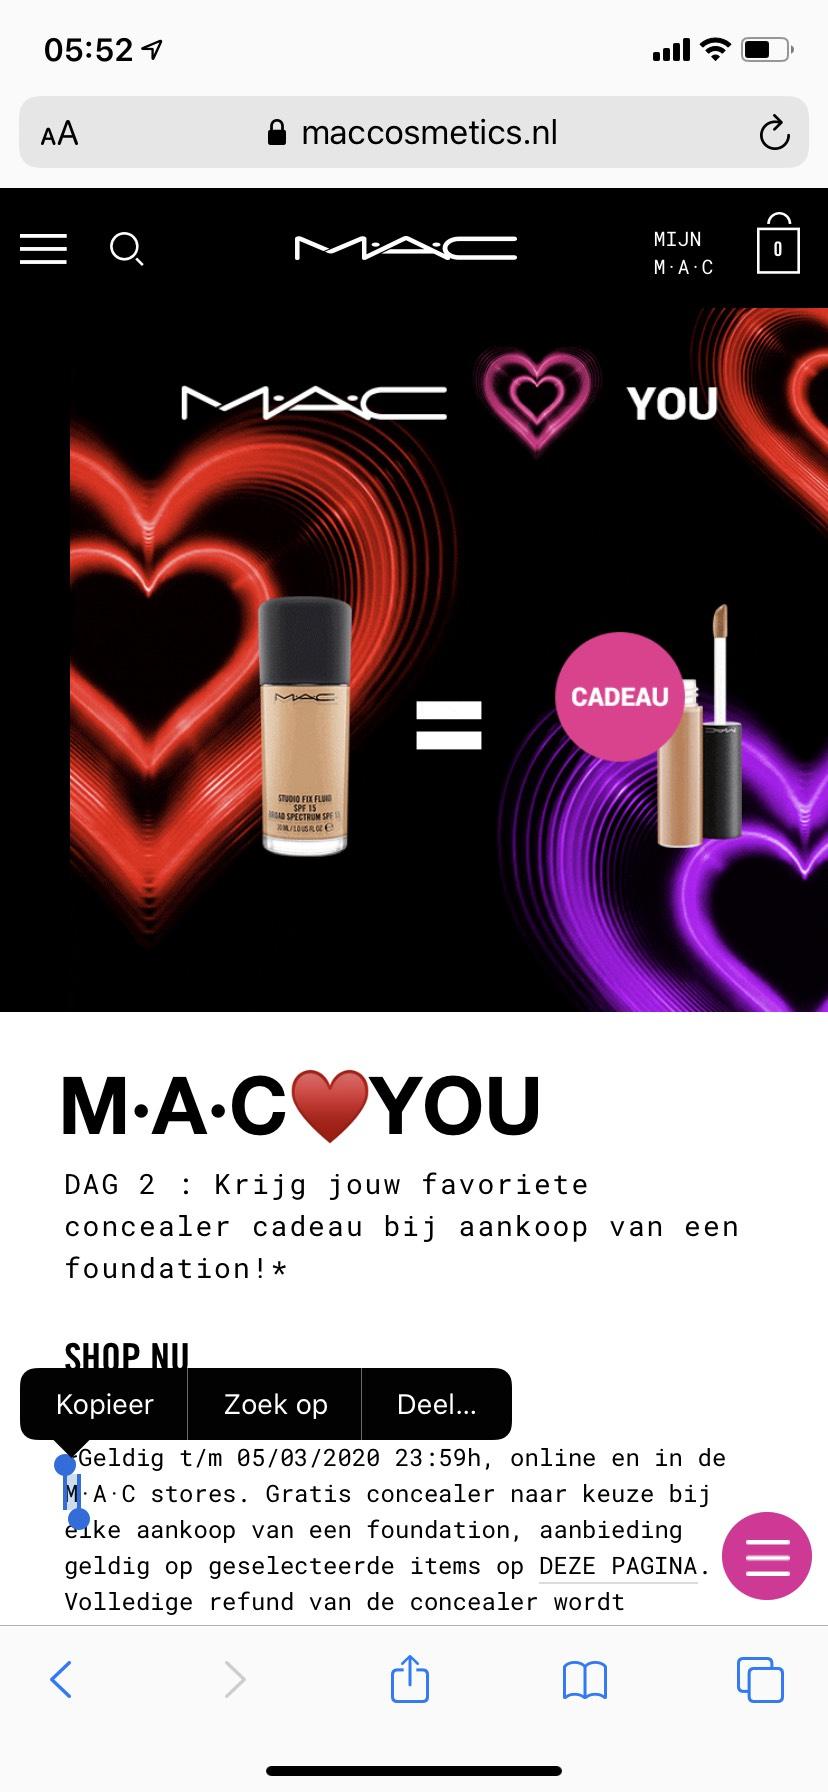 M·A·C️YOU extra concealer bij aankoop Foundation